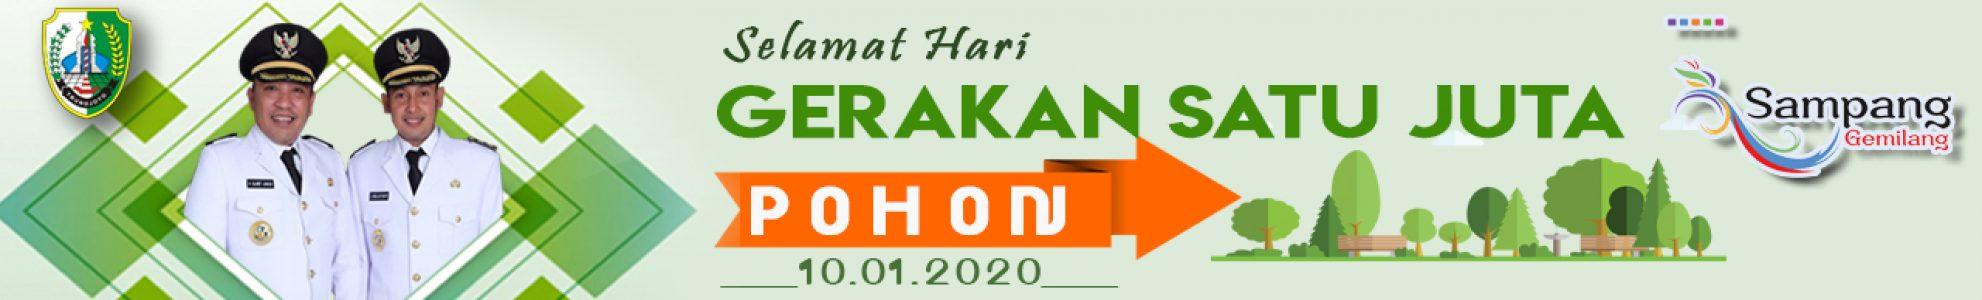 HARI GERAKAN SEJUTA POHON 2020